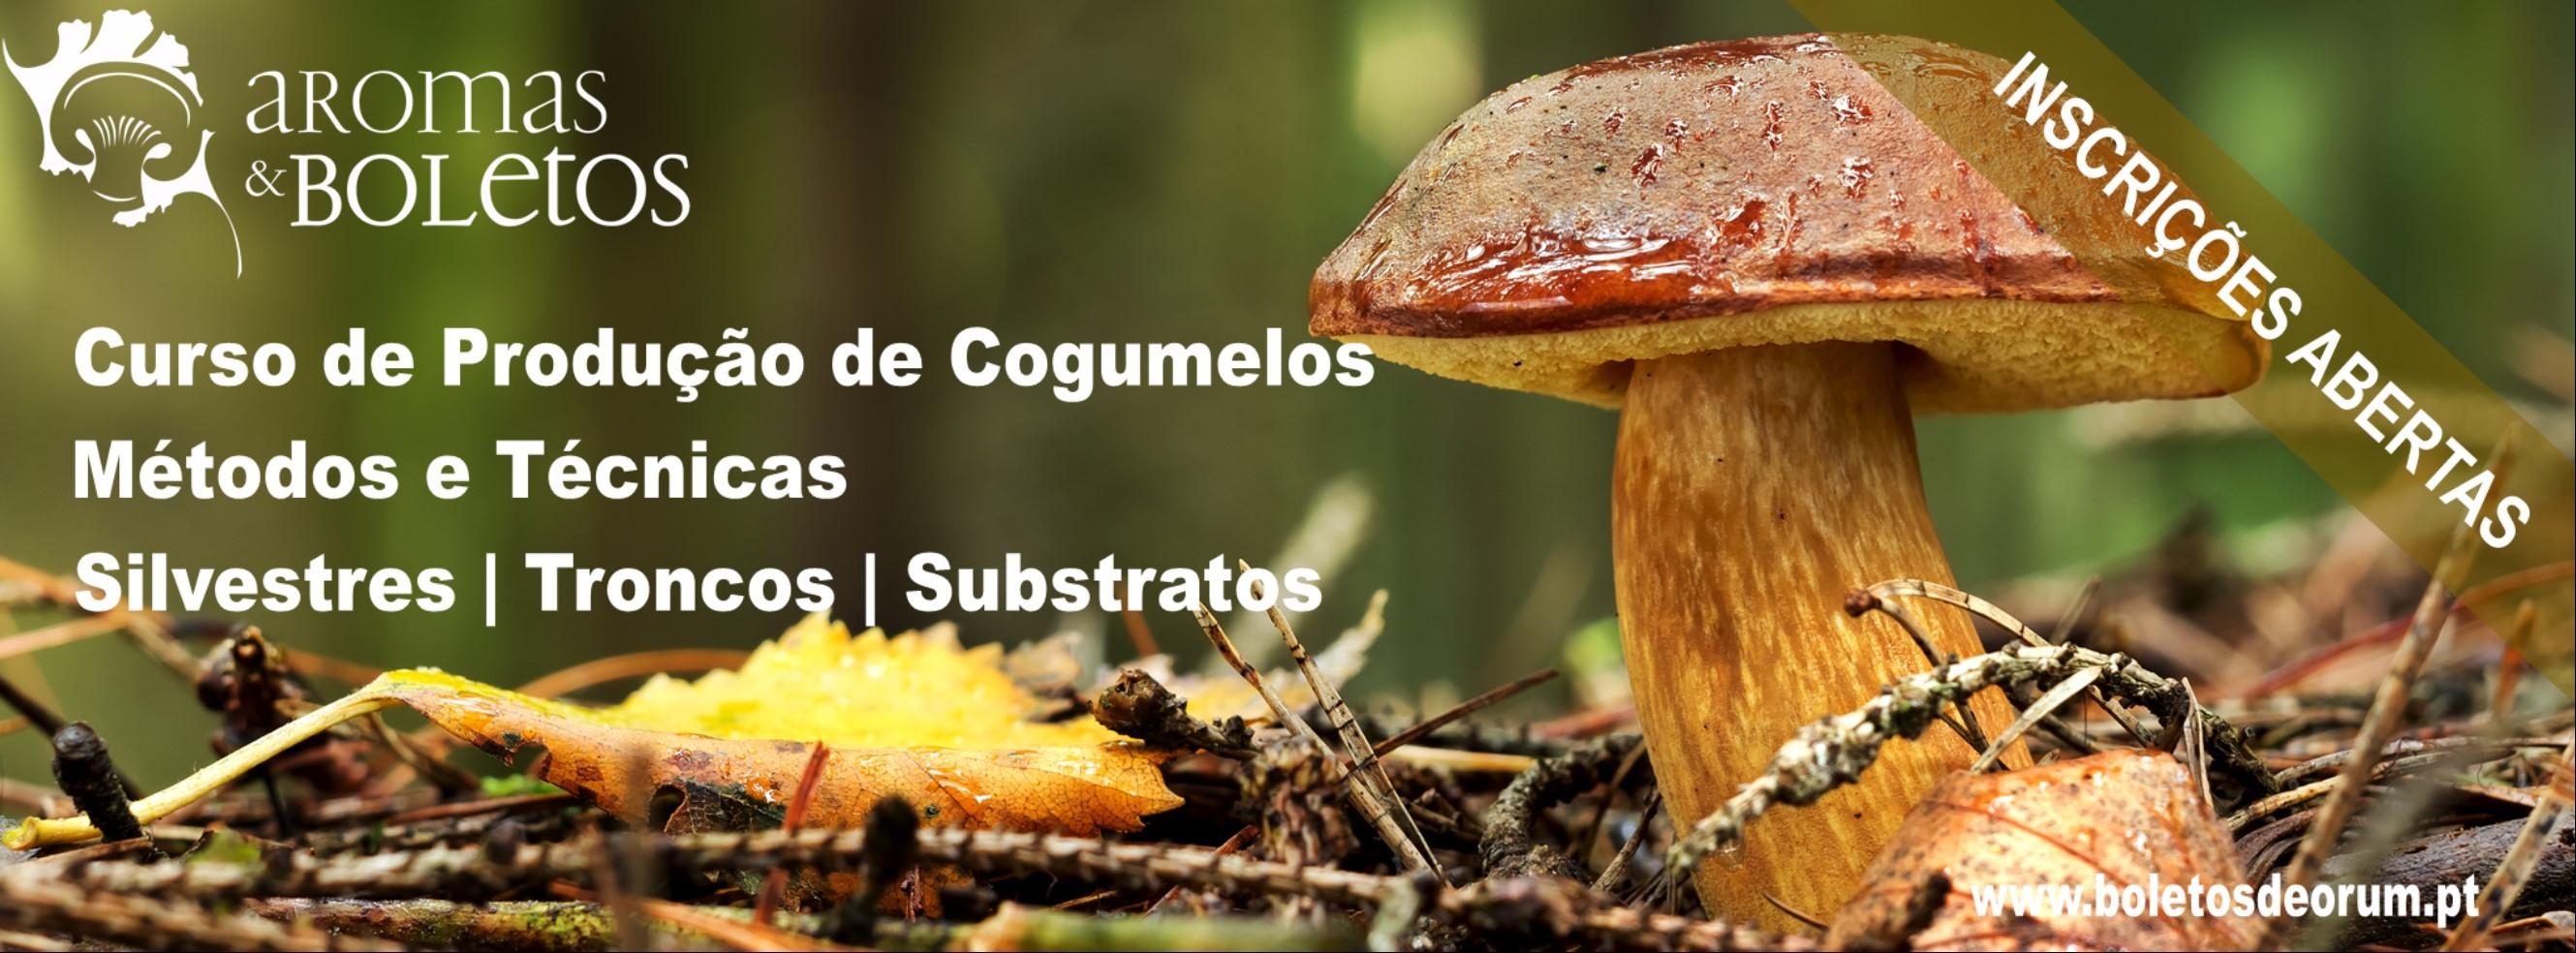 Producao_de_Cogumelos_Metodos_e_Tecnicas